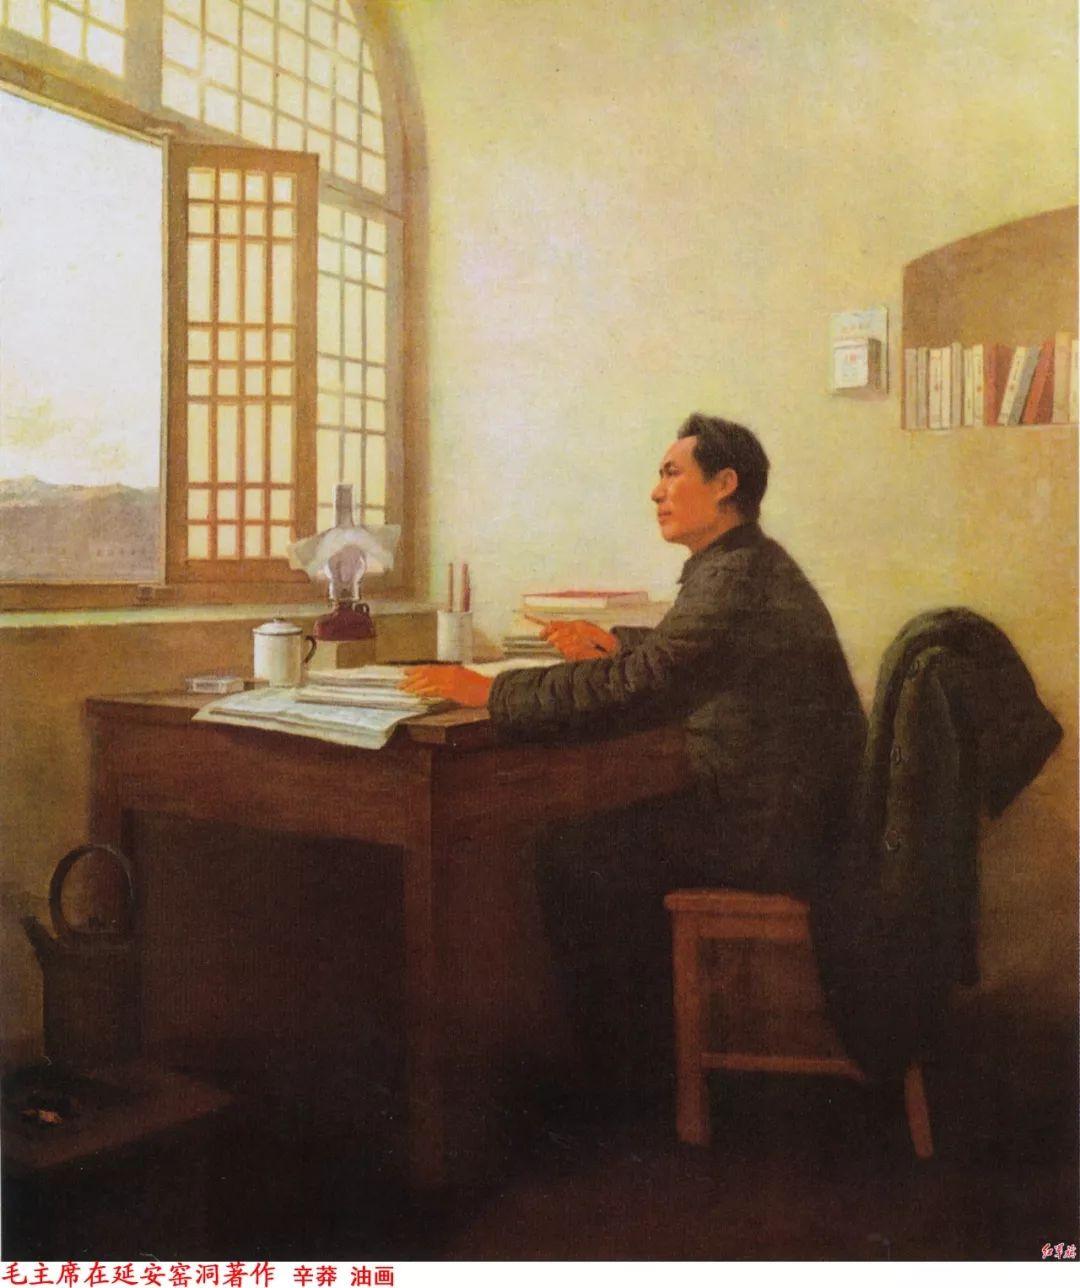 画家笔下的毛主席 缅怀毛主席逝世43周年插图59